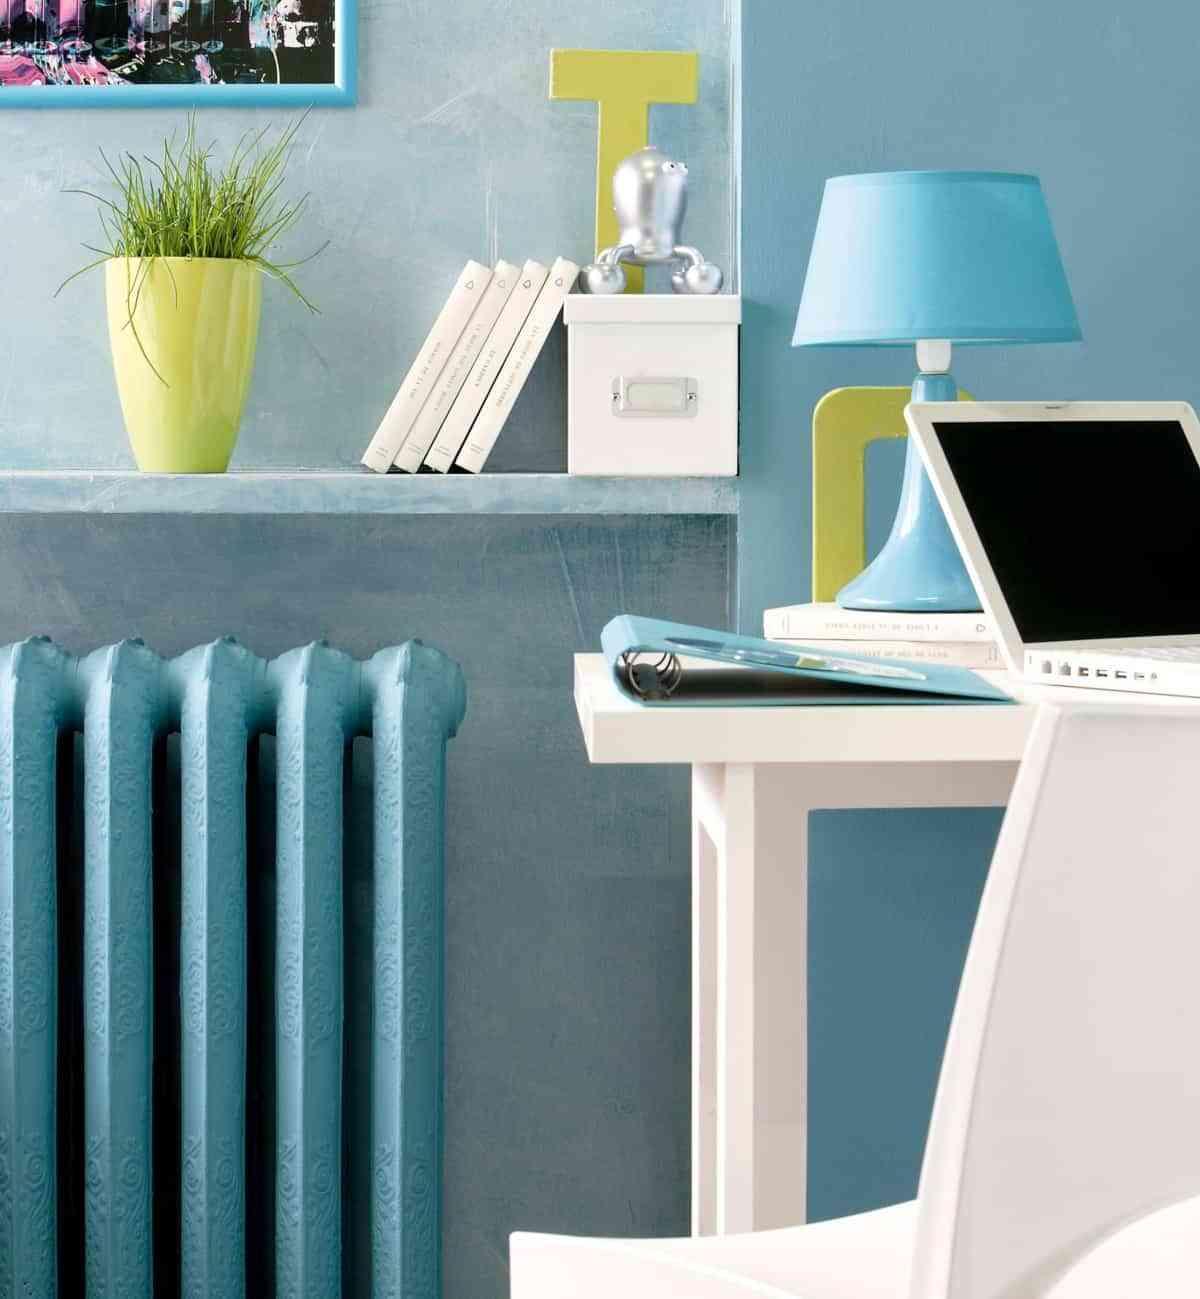 decorar habitación con poco dinero - pintar radiadores